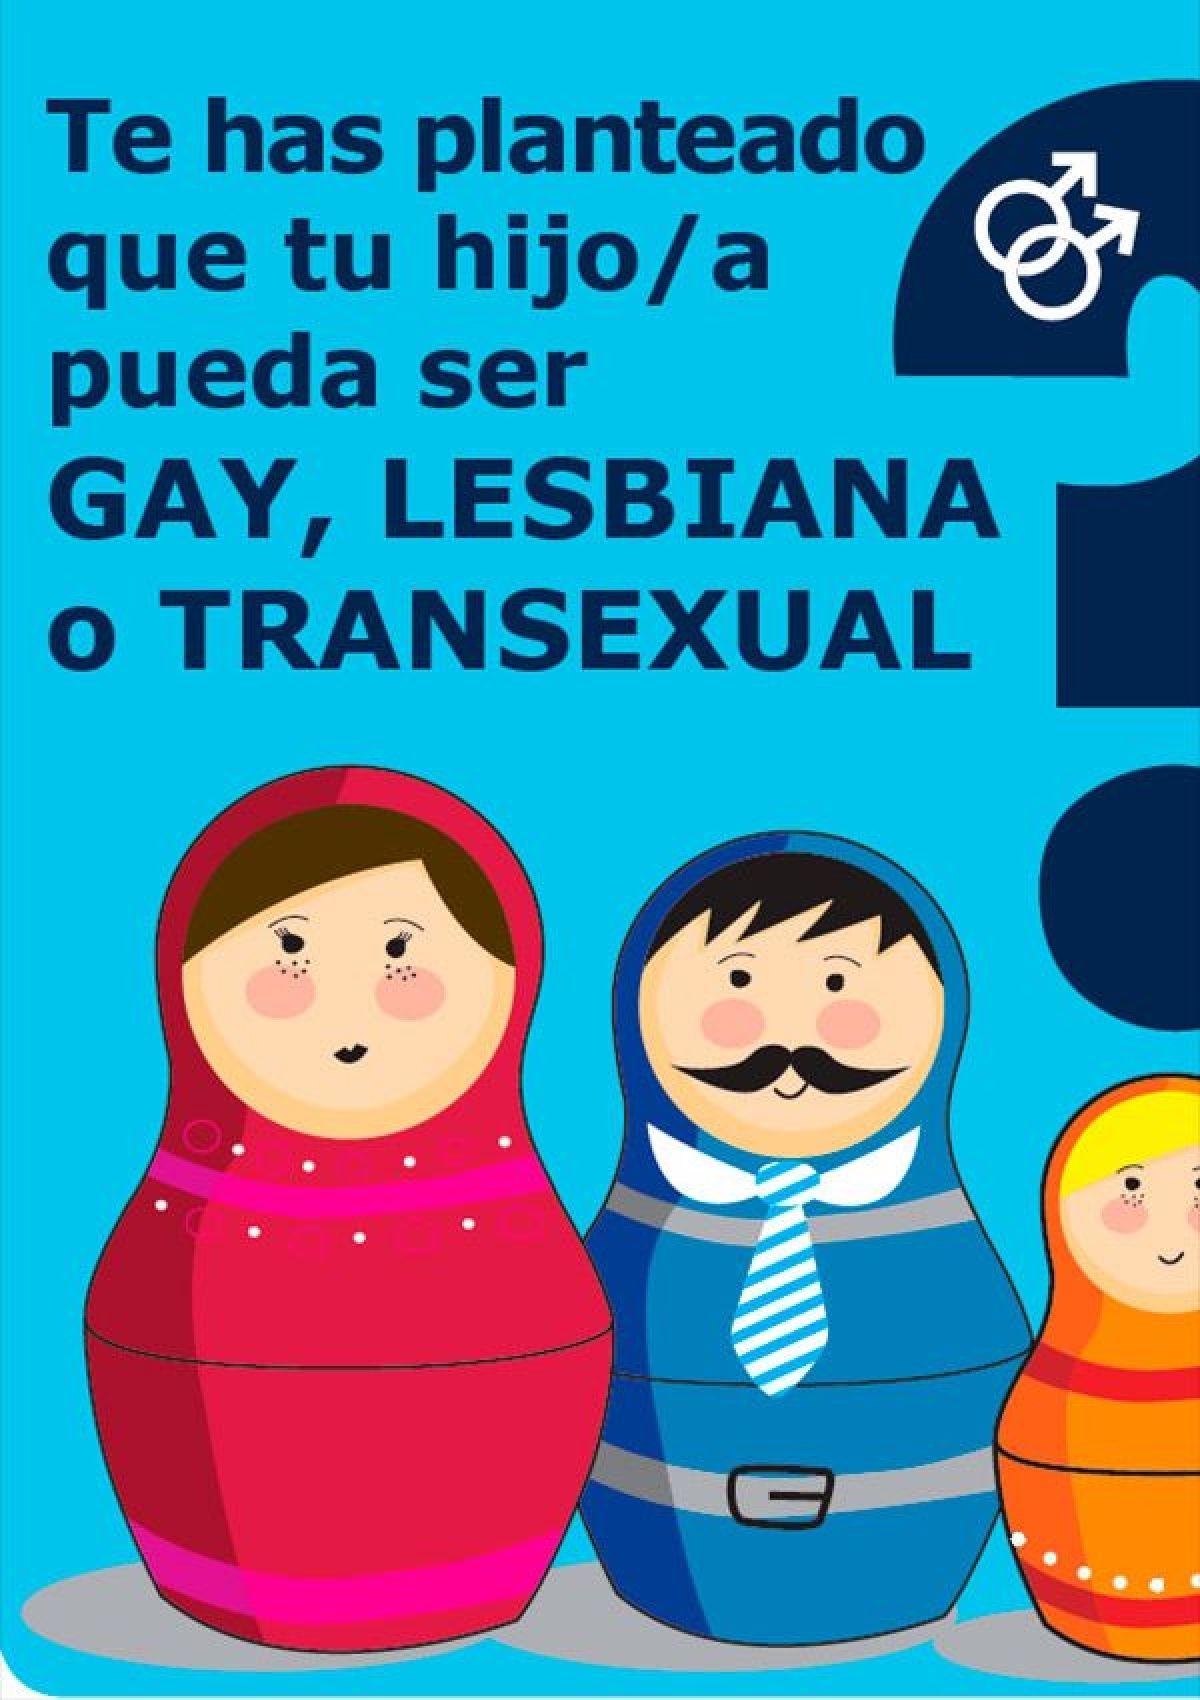 07. ¿Te has planteado que tu hijo/a pueda ser GAY, LESBIANA o TRANSEXUAL?